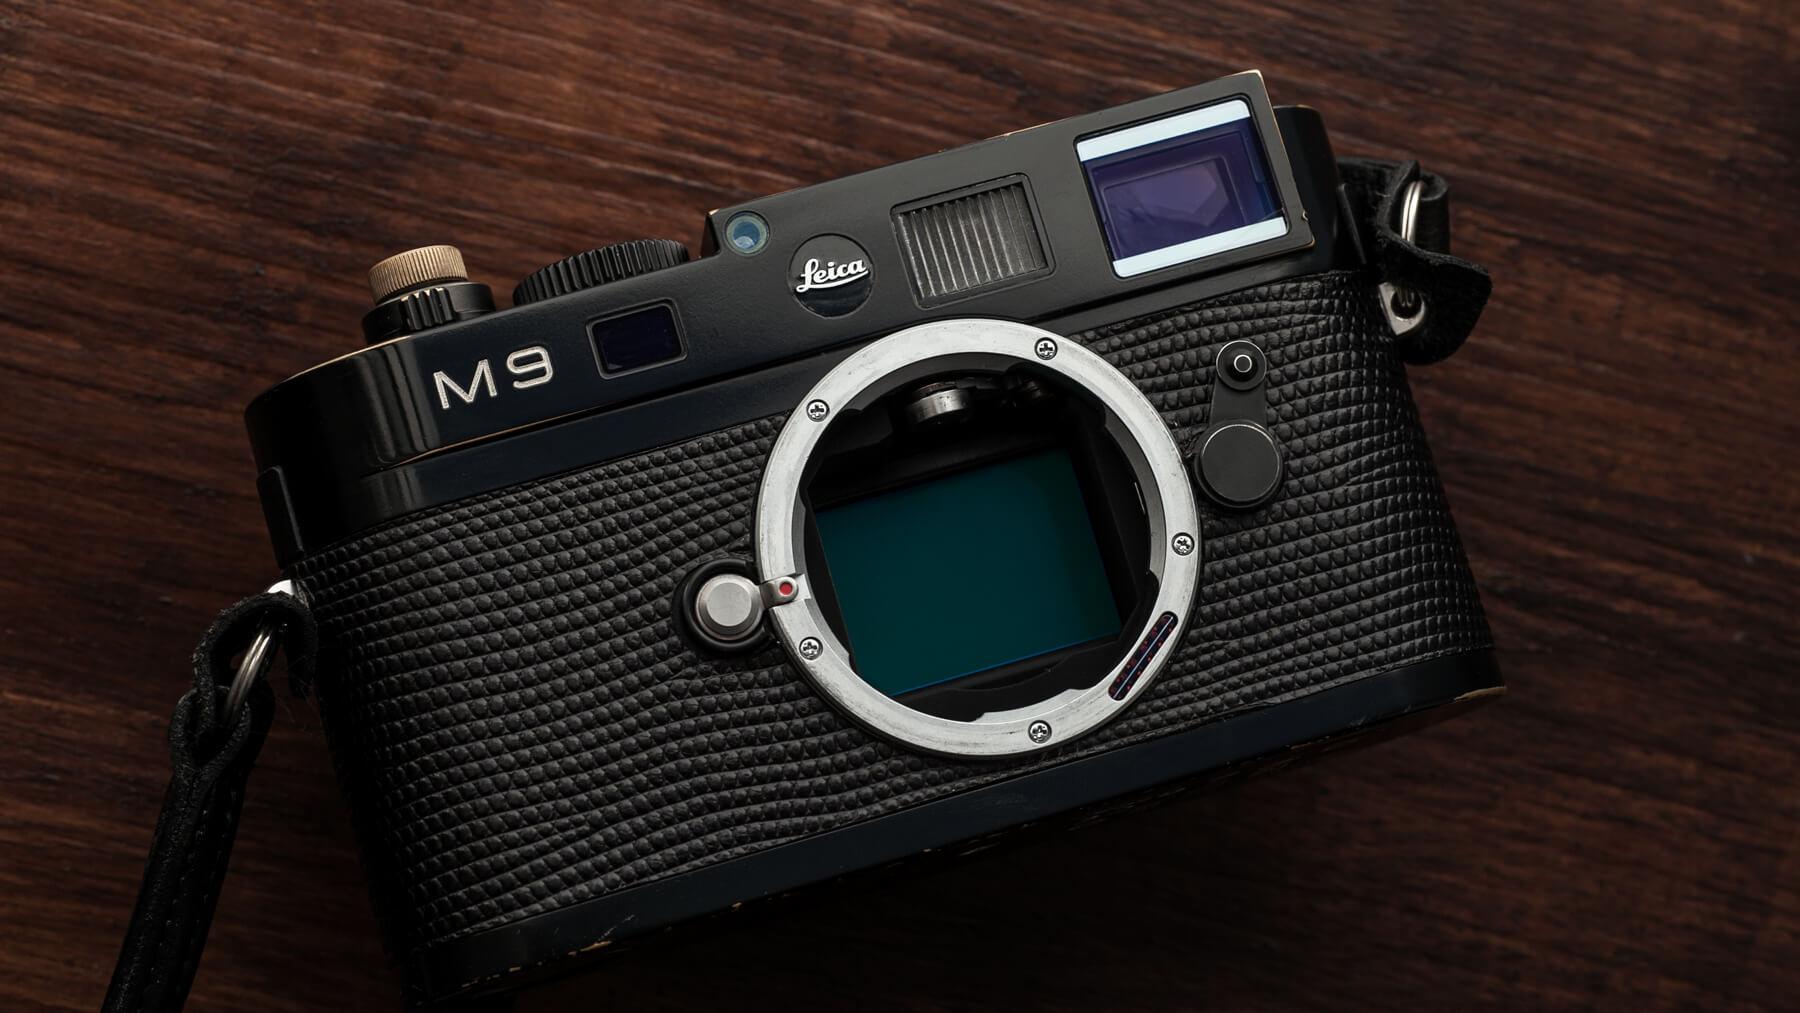 【11月30日はカメラの日】私の答えは『Leica M9』